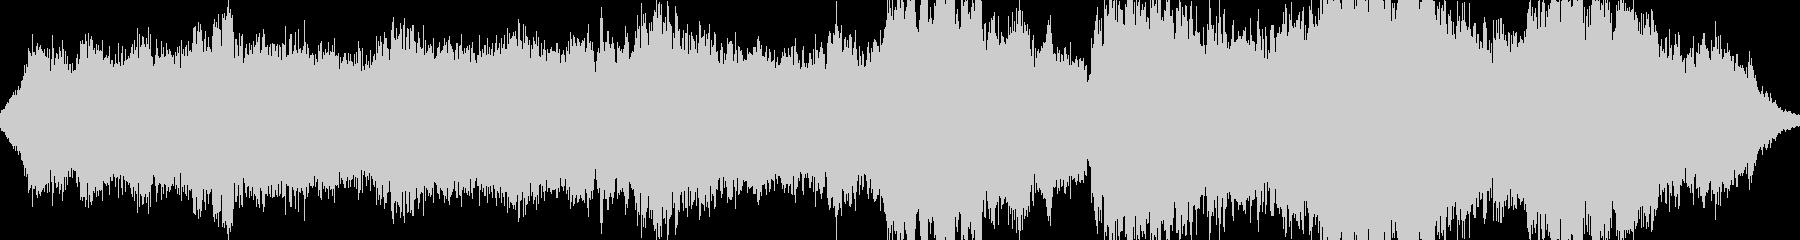 幻想チュートリアル(LOOP対応)の未再生の波形